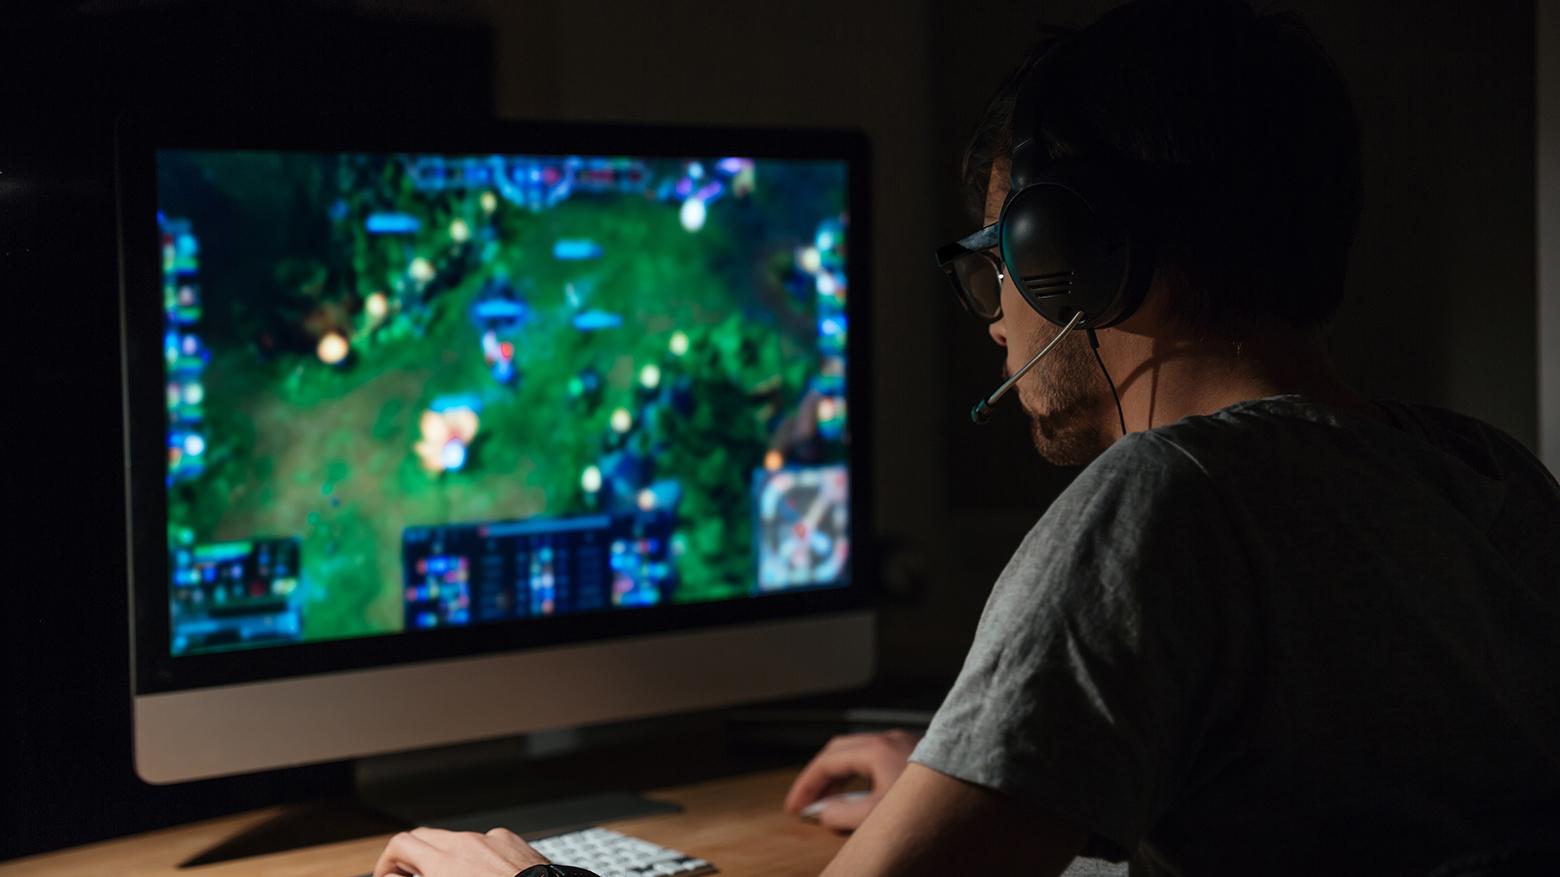 В России предложили сохранять переписки геймеров